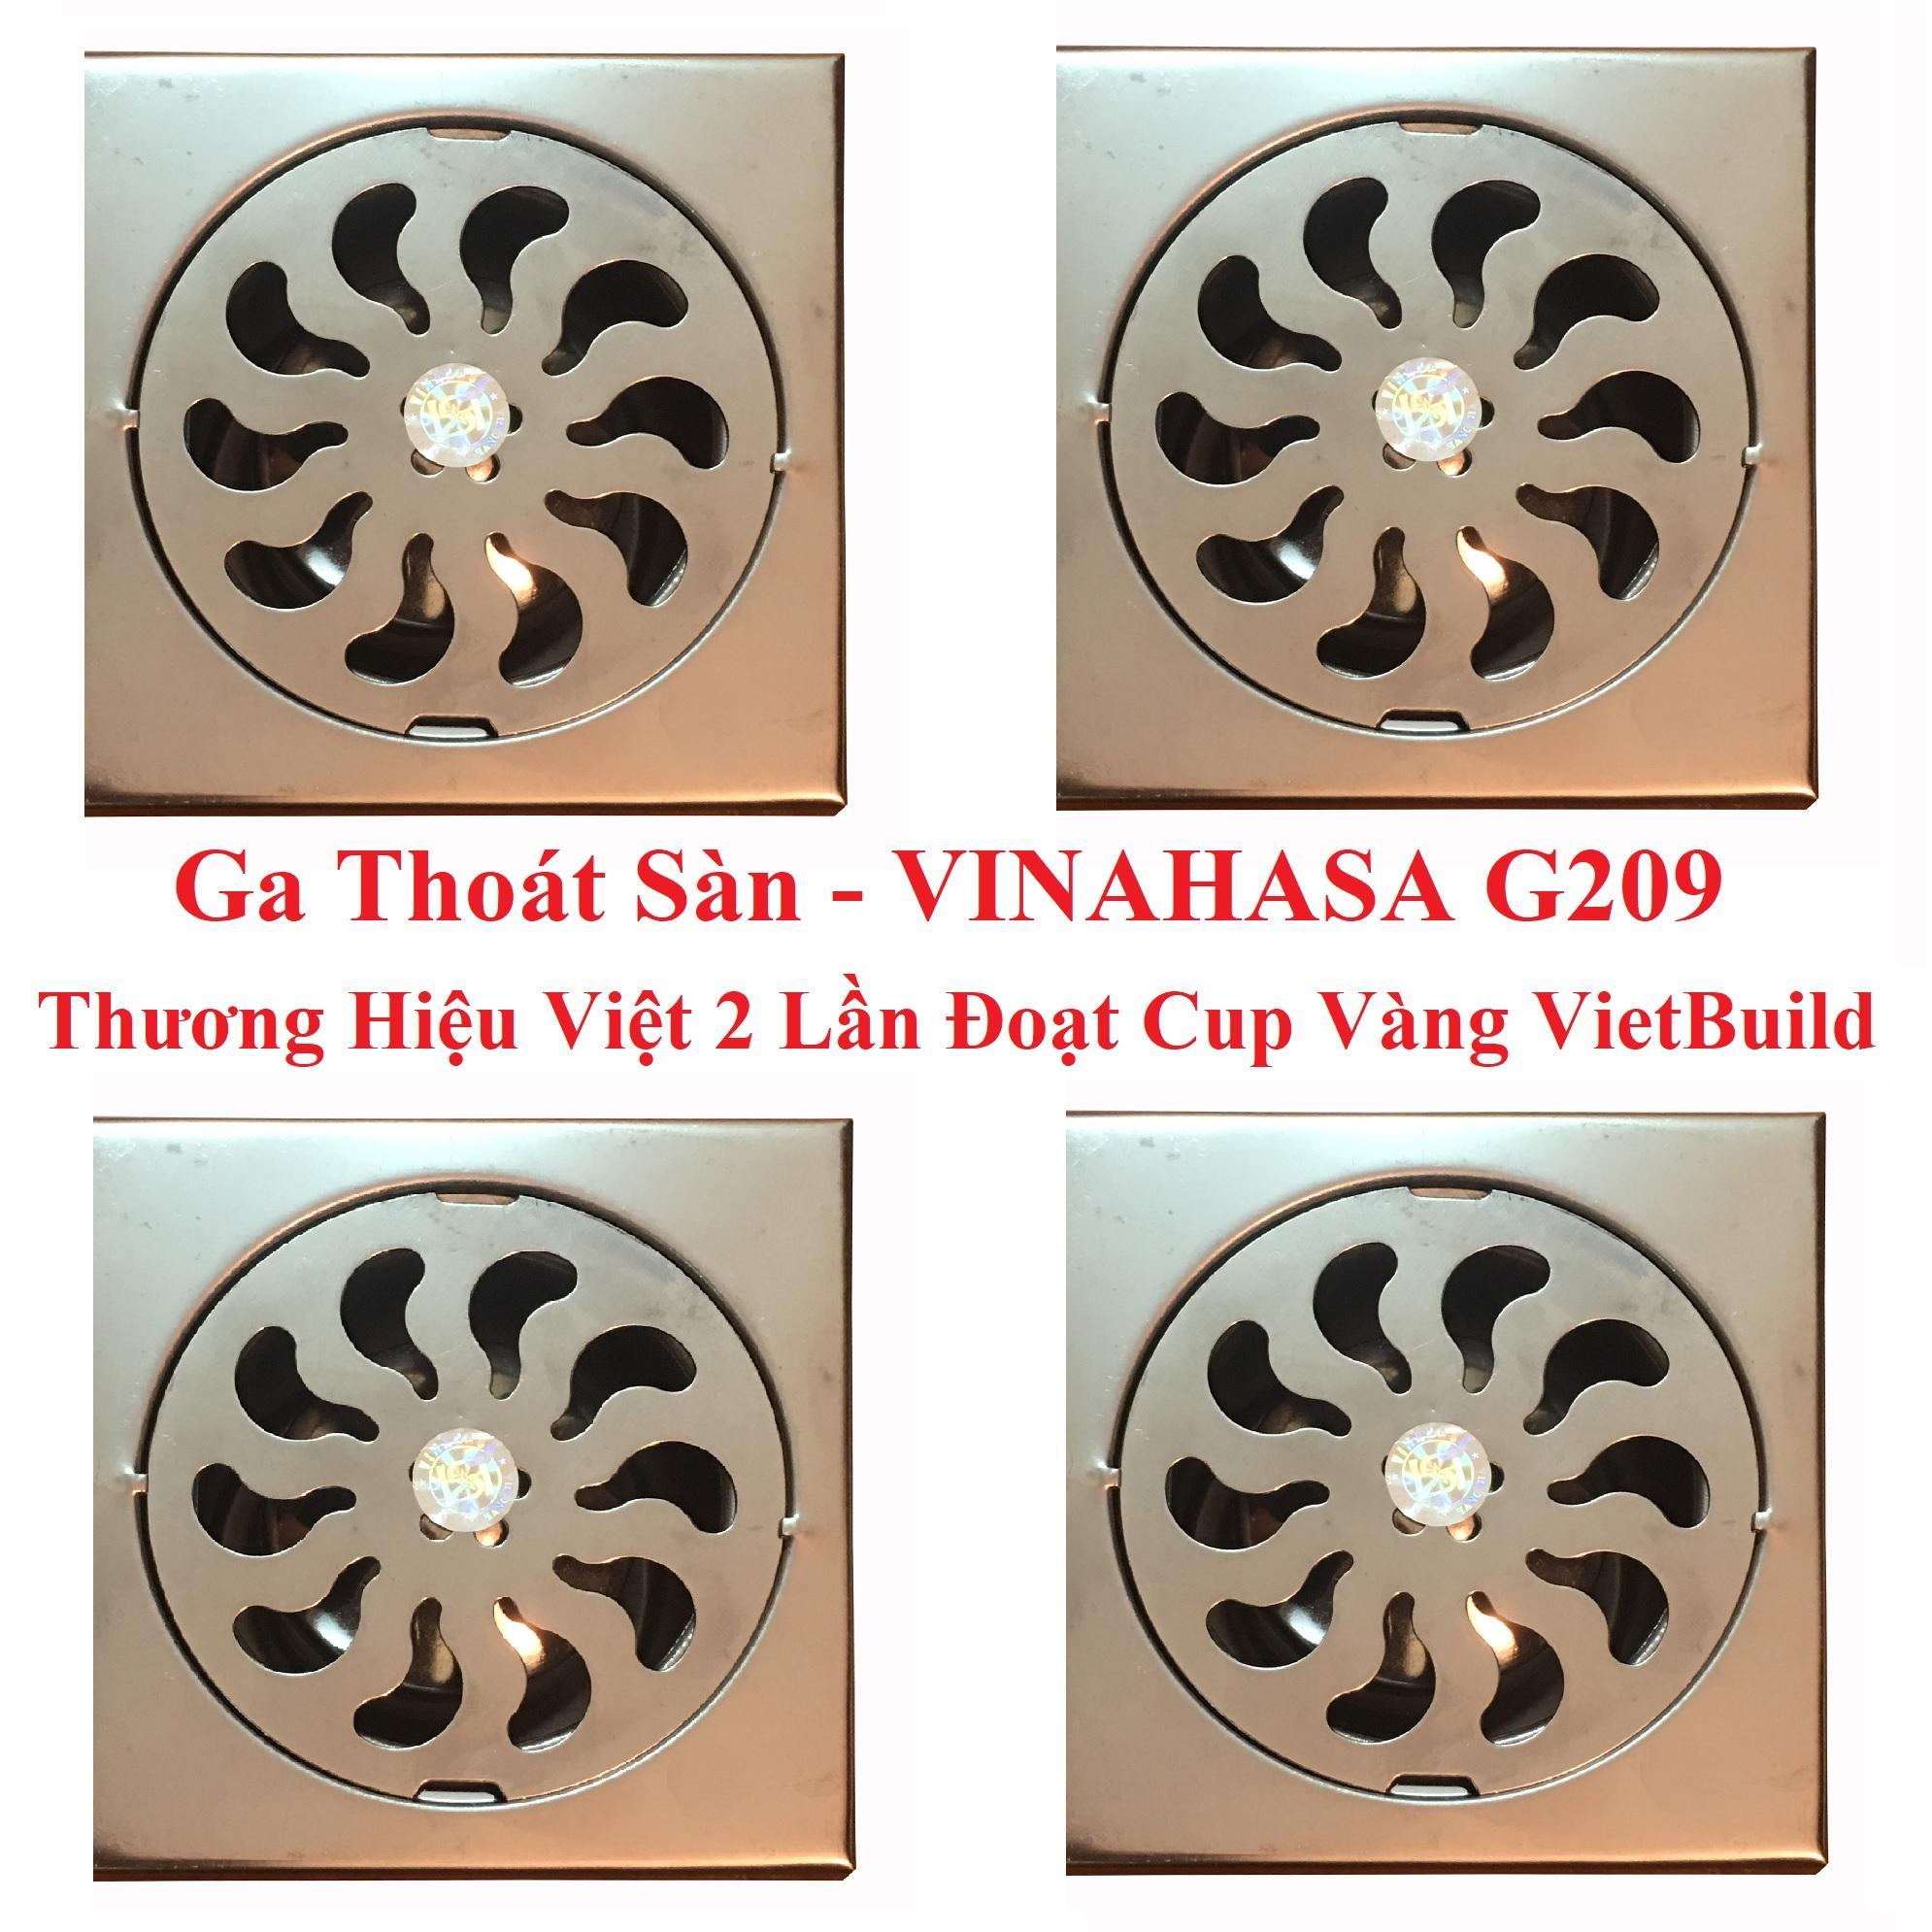 Bộ 4 ga thoát sàn – phễu thoát sàn INOX Vinahasa 12x12cm Phi 90mm Chống Hôi – Lọc Rác 2 lớp hiệu quả G209 (Bảo hành 12 tháng – 1 đổi 1 trong 7 ngày)